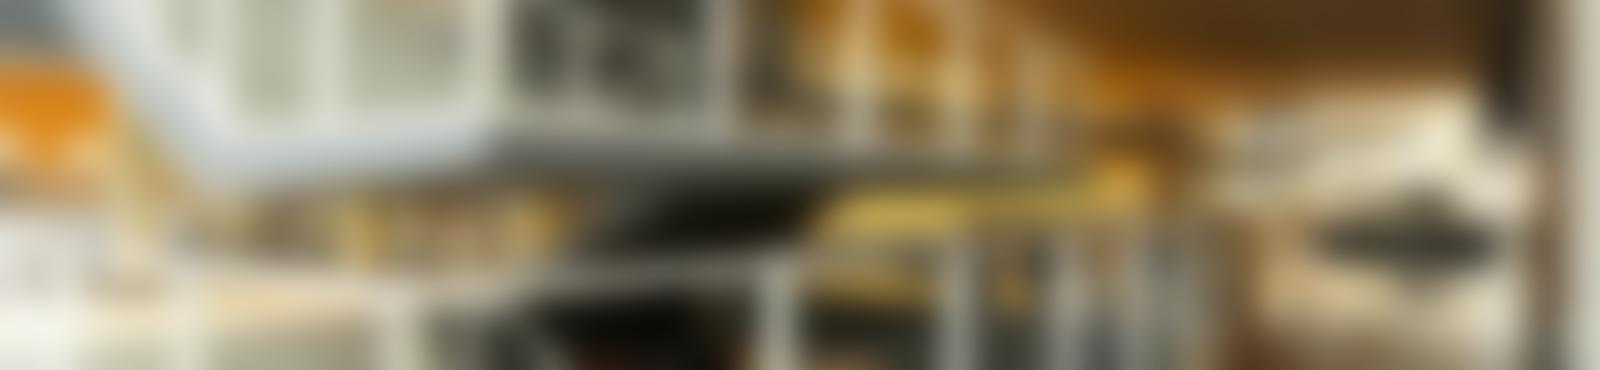 Blurred 1b8b1cc3 5b48 4dbf 954c 9e0d18915ad1